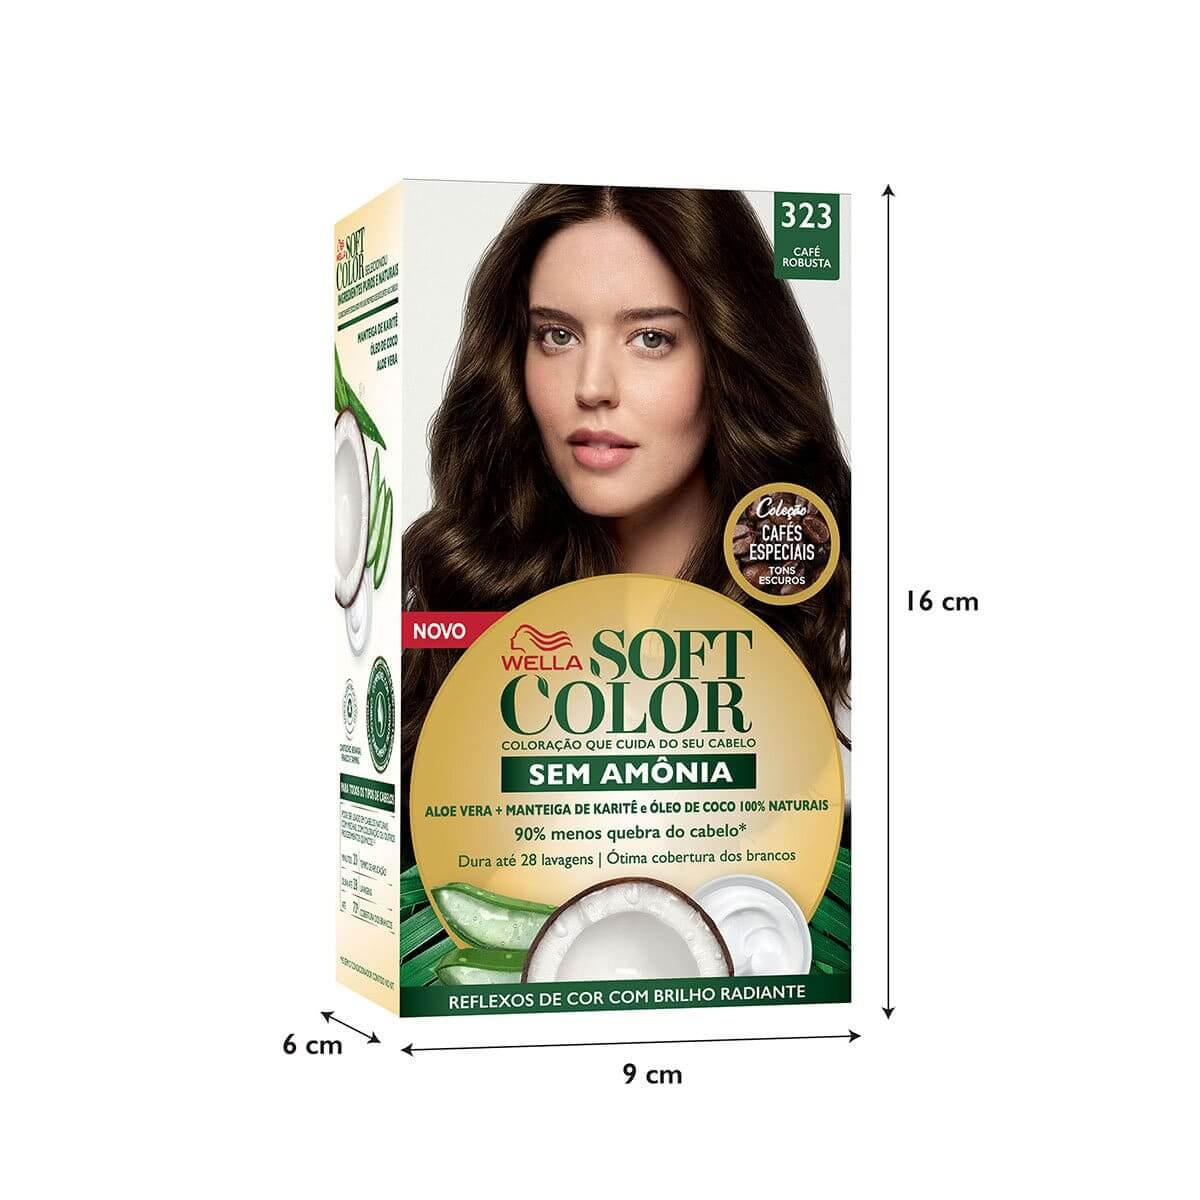 Coloração Soft Color Nº323 Café Robusta 1 Unidade 1 Unidade